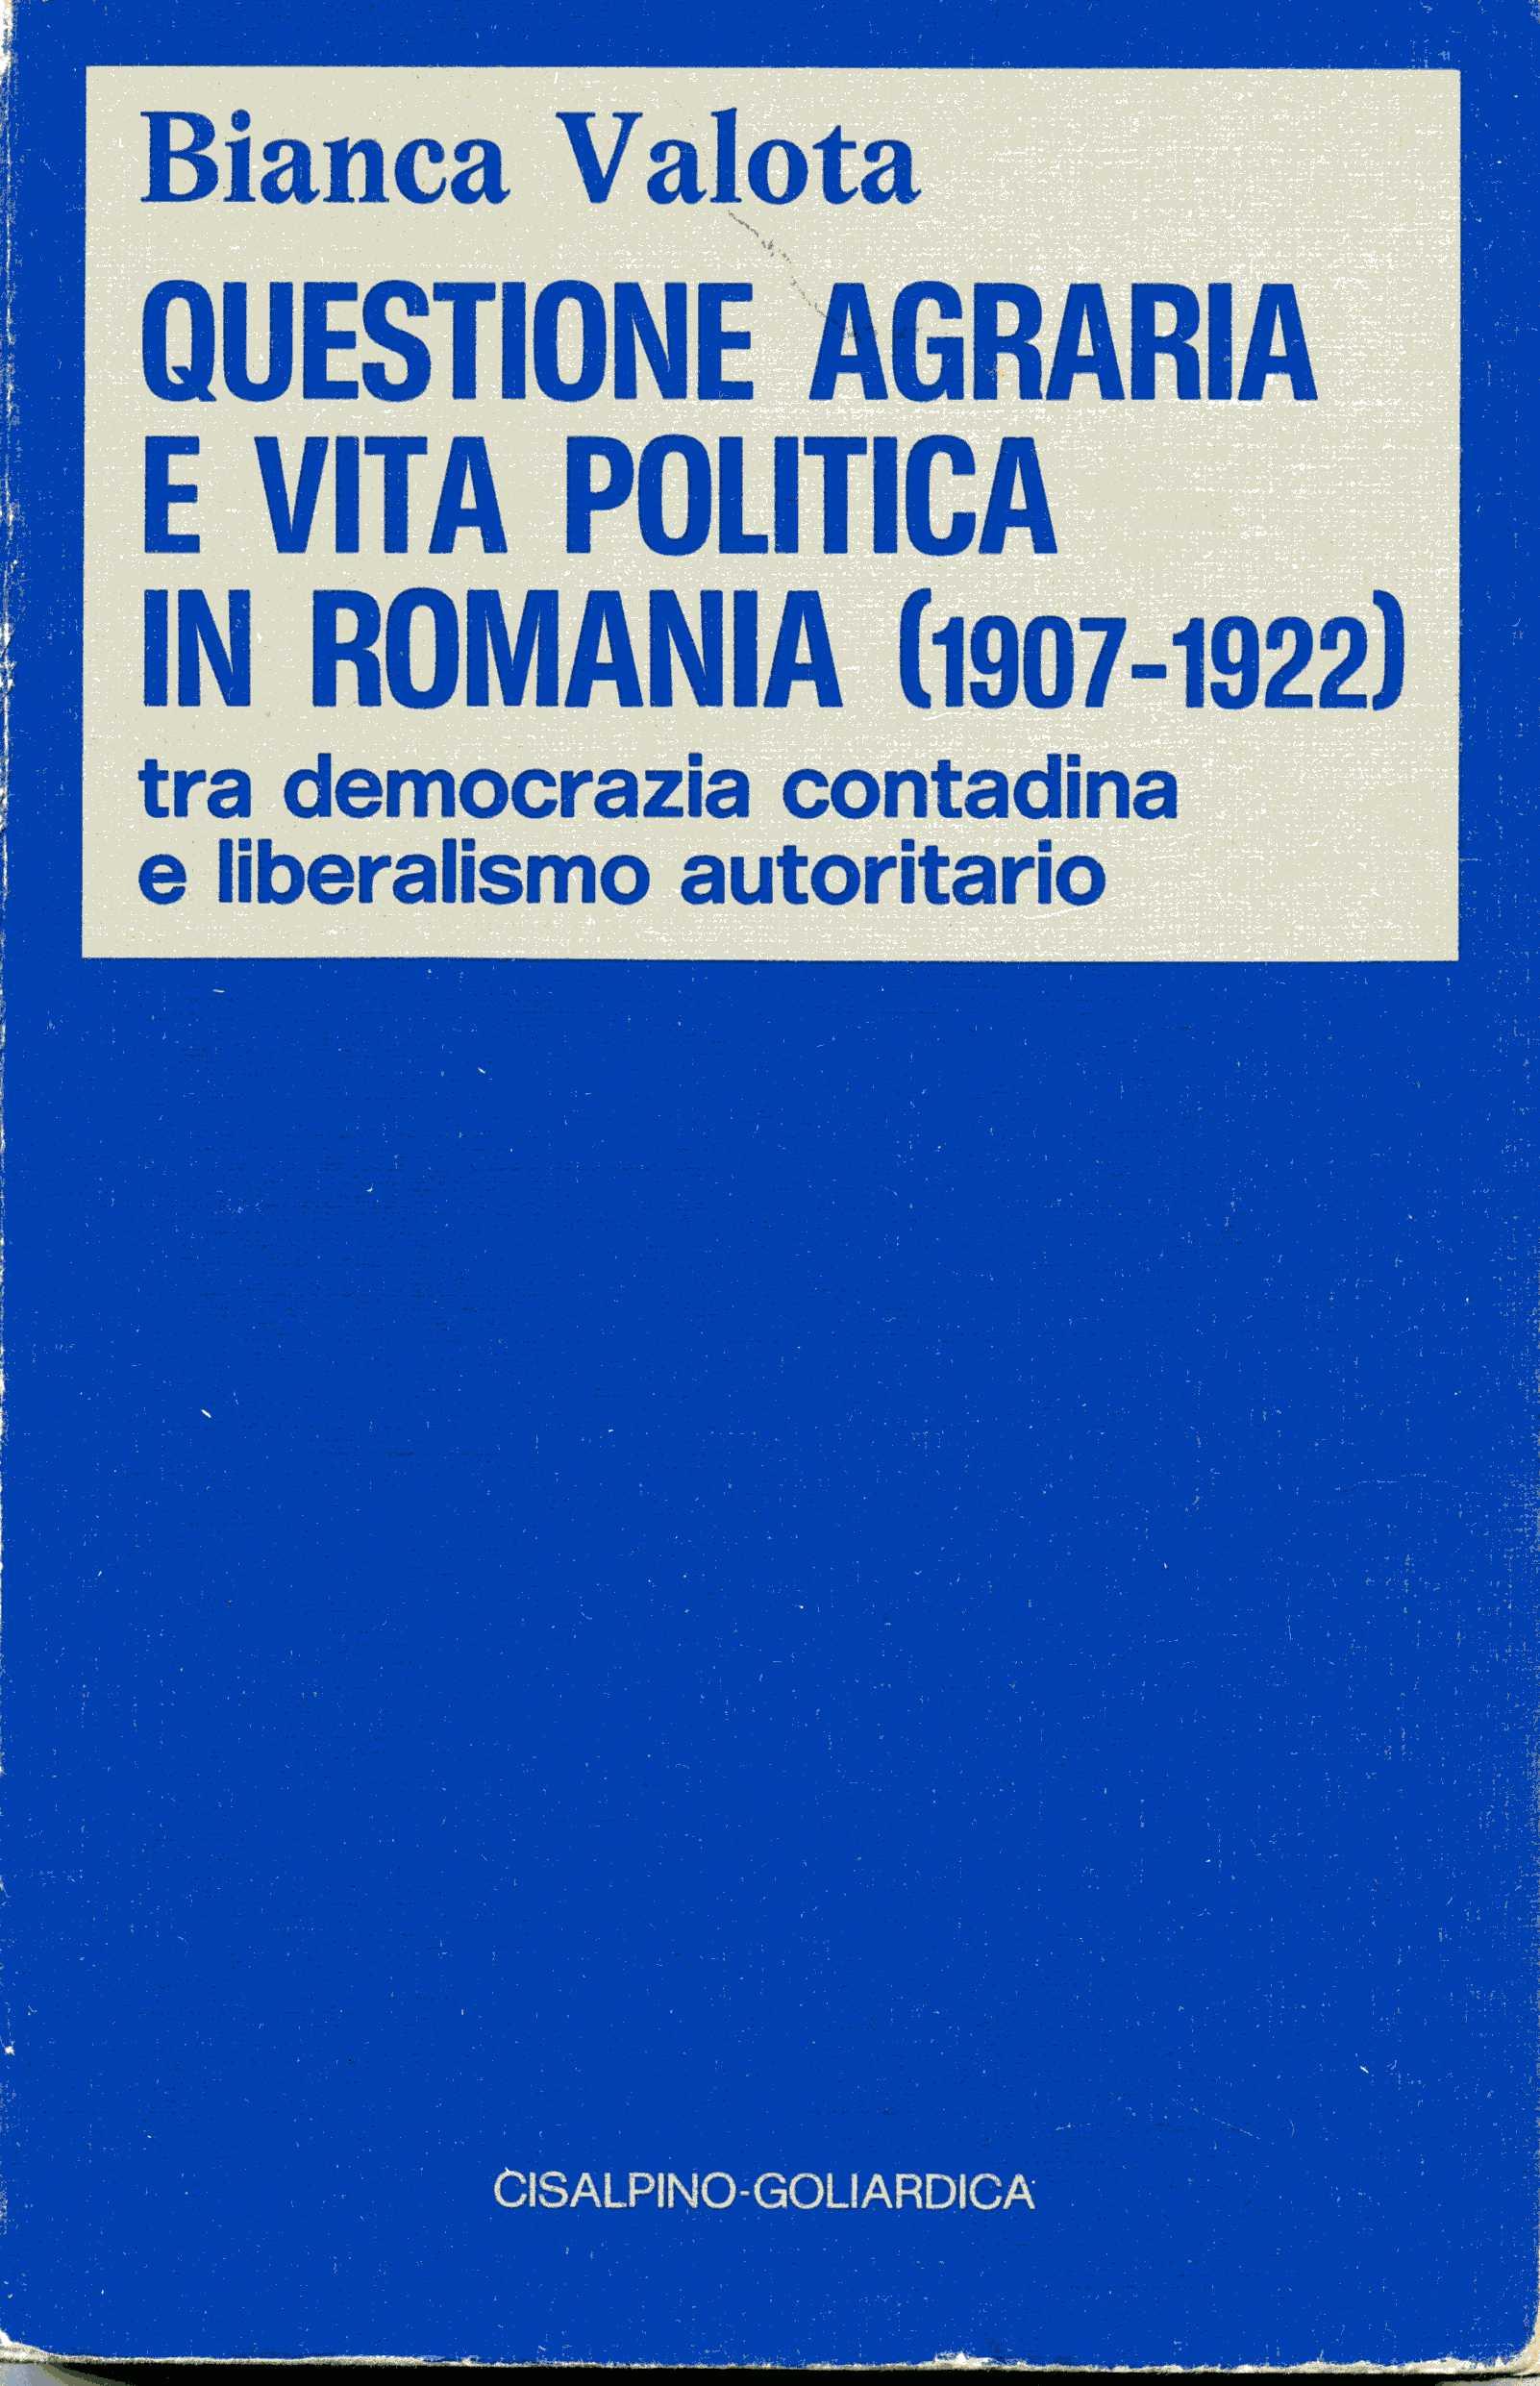 Questione agraria e vita politica in Romania (1907-1922)